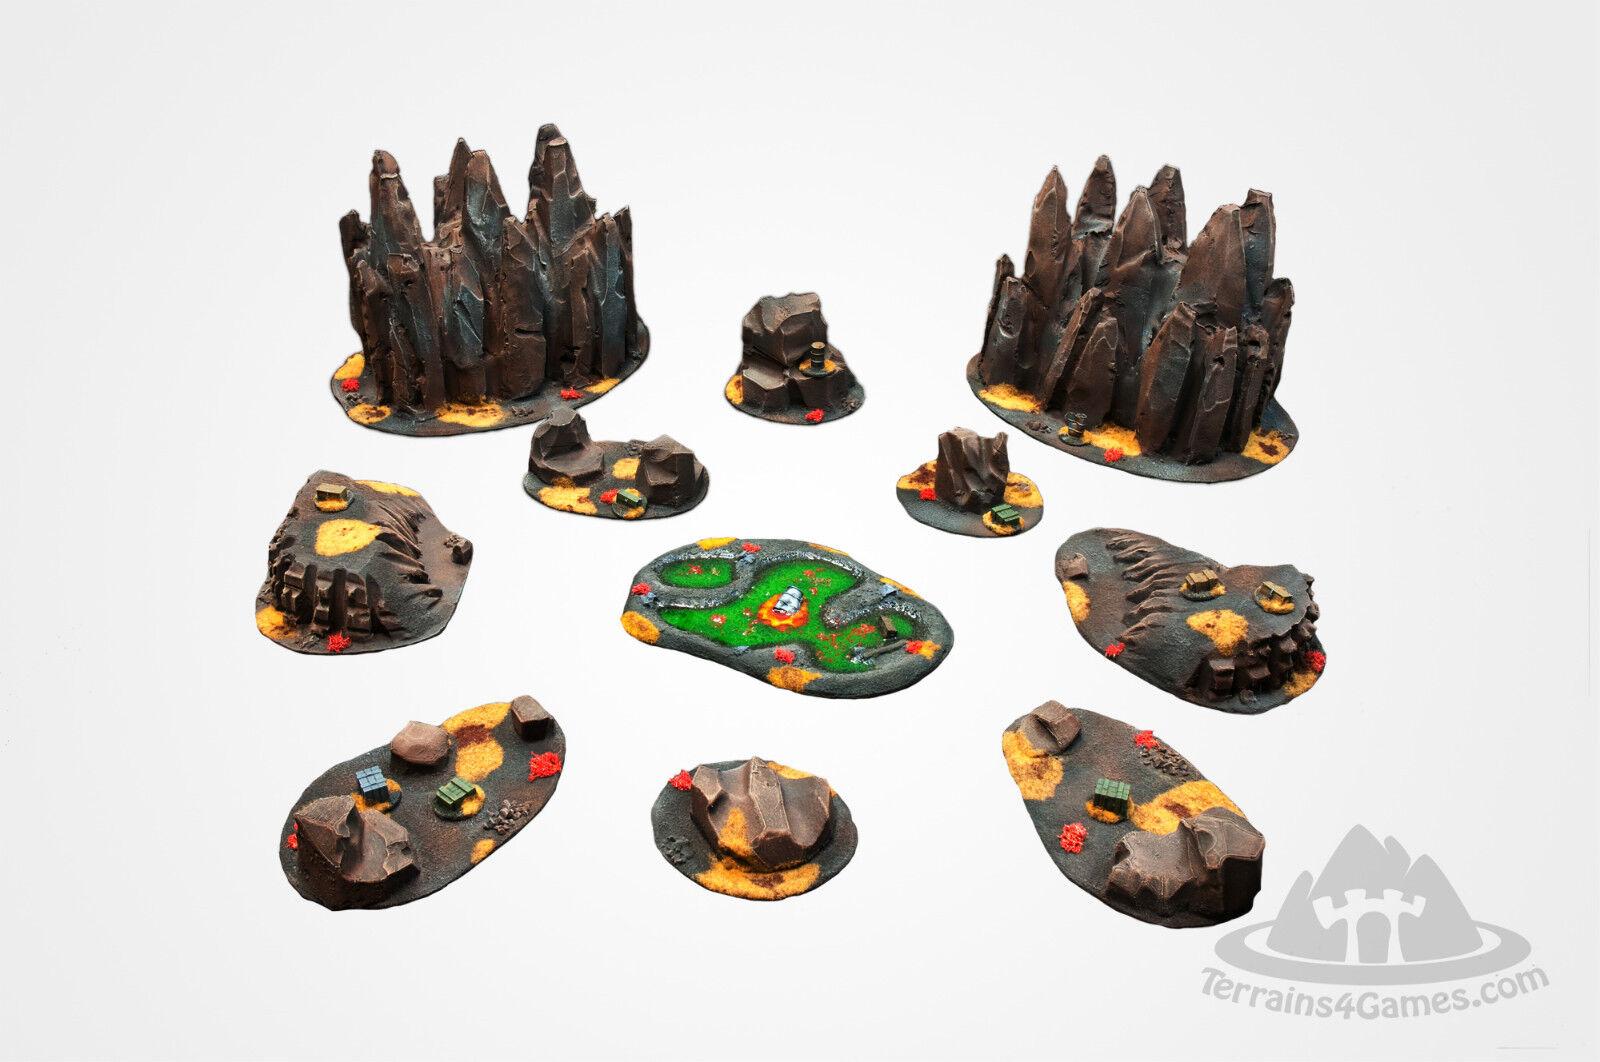 promociones de equipo Wargame escenario apocalíptico terrenos terrenos terrenos Set - 10 Puntos-w40k-Alien De Color Oscuro  con 60% de descuento